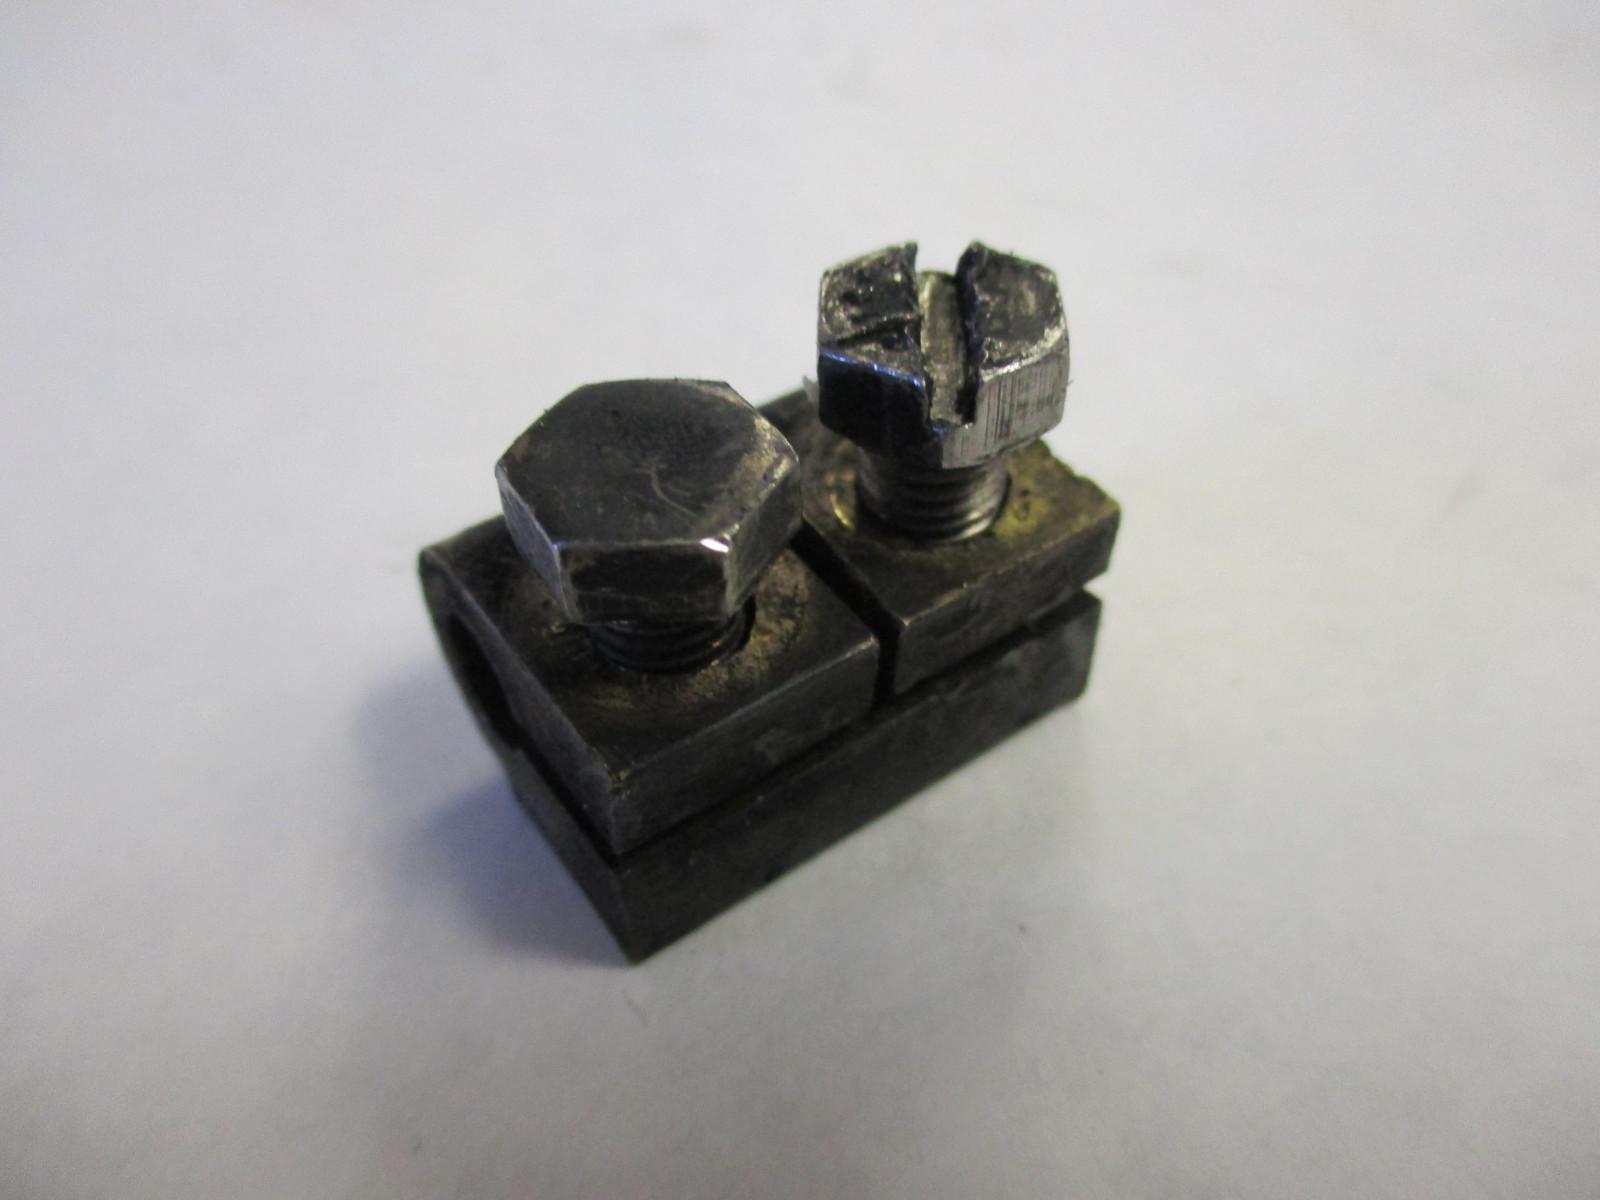 Find 0325326 Sensor Bracket Magneto Evinrude 25-35 HP